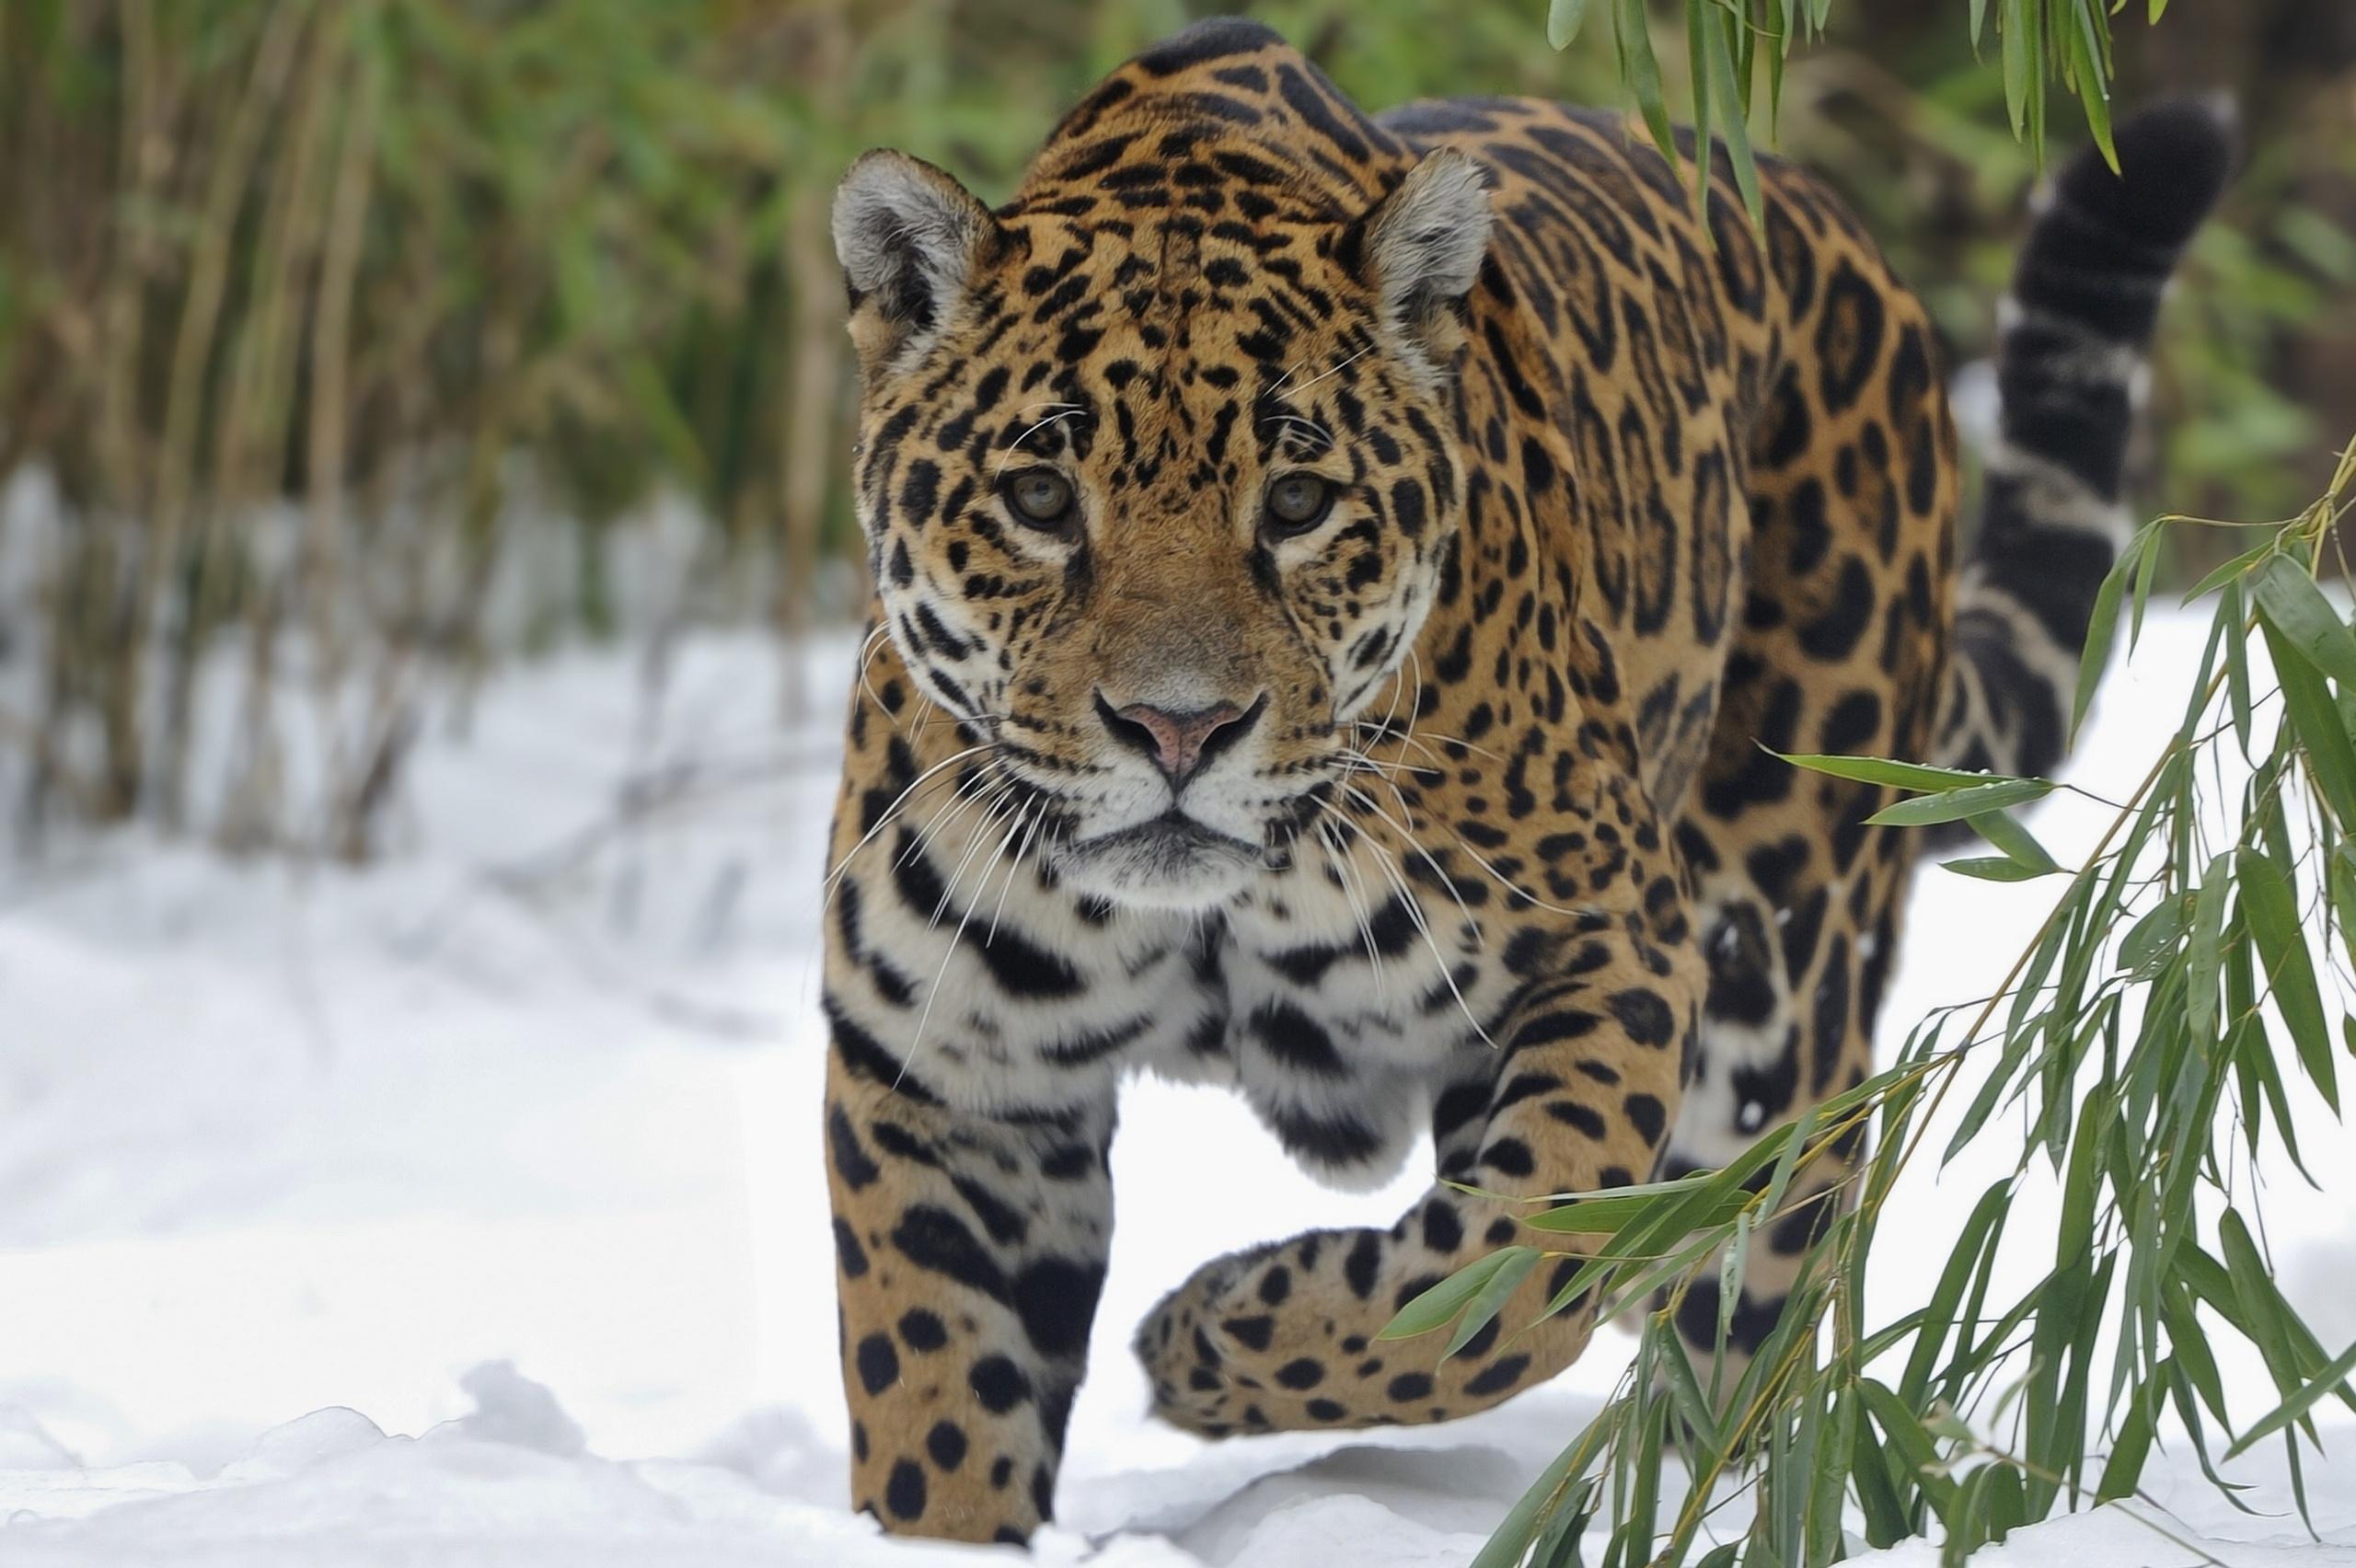 62715 скачать обои Животные, Снег, Большая Кошка, Прогулка, Ягуар - заставки и картинки бесплатно